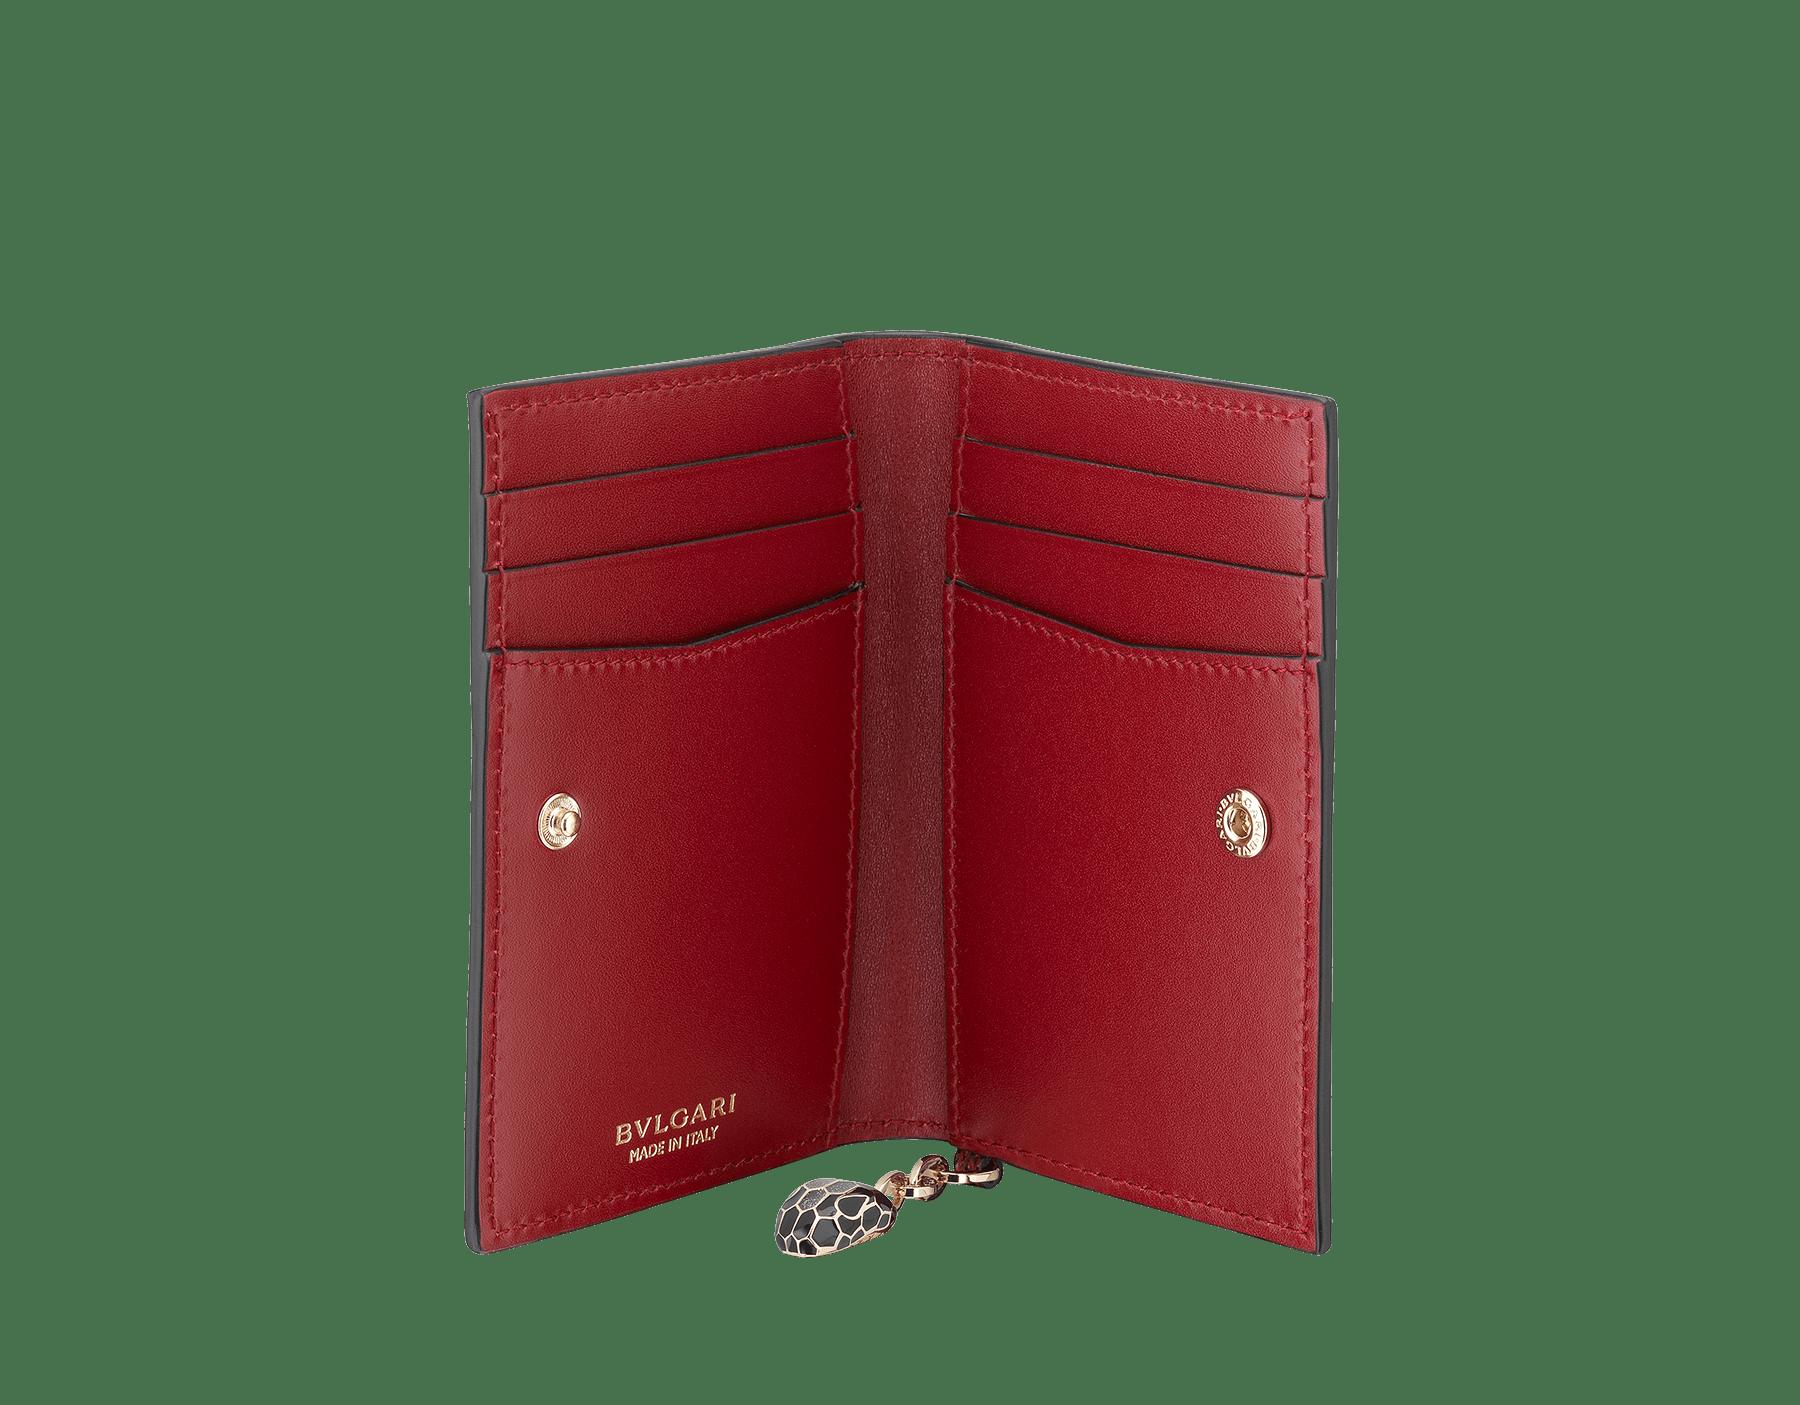 Étui pour cartes de crédit à deux volets Serpenti Forever en karung métallisé couleur rouge rubis. Bijou Serpenti emblématique en émail noir et argenté scintillant avec yeux en émail noir SEA-CC-HOLDER-FOLD-MKb image 2